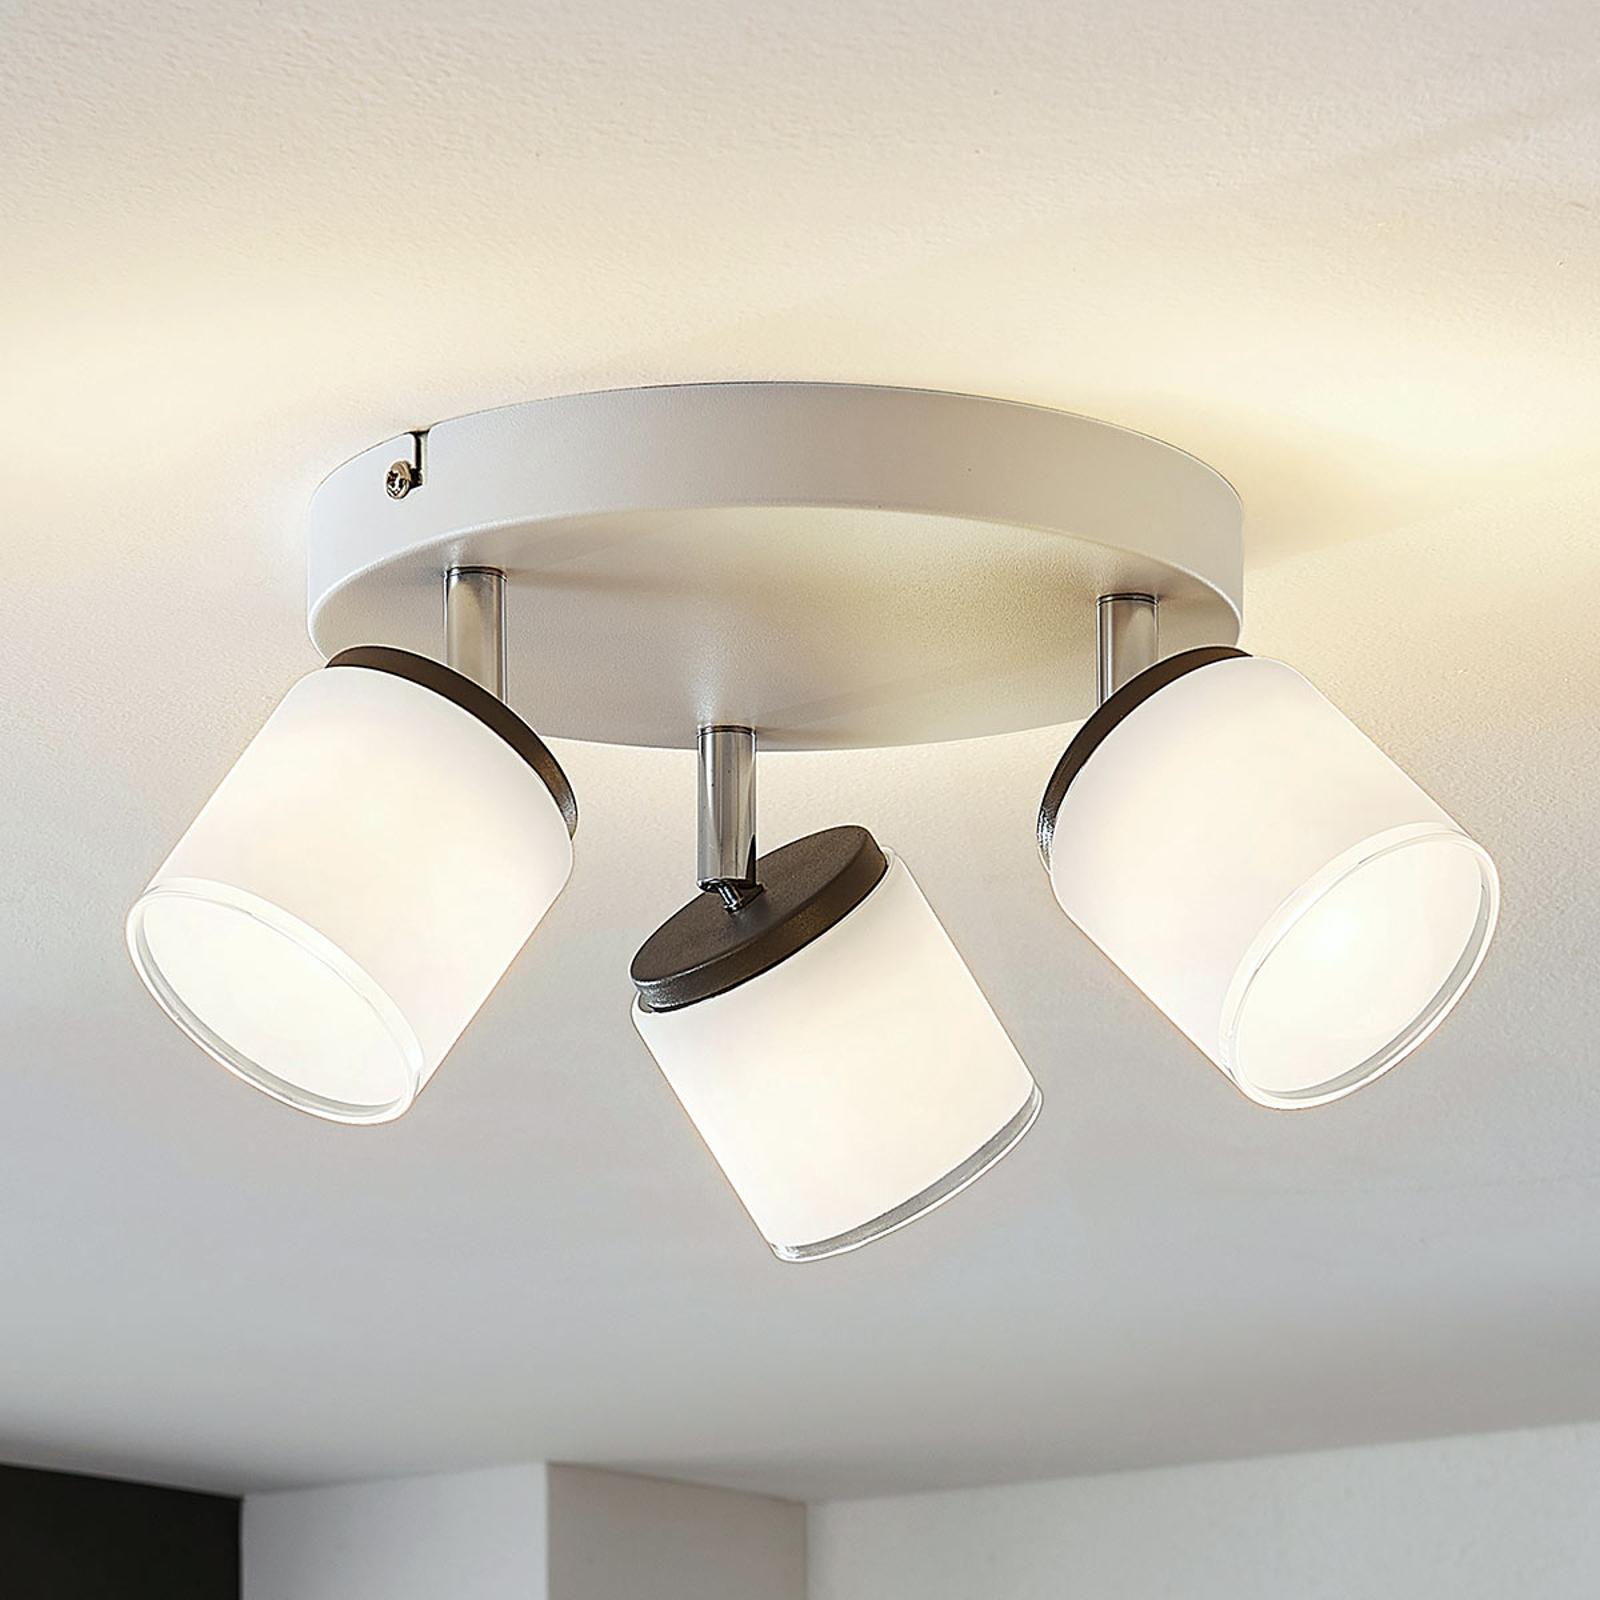 Spot pour plafond LED Futura, à 3 lampes, rond